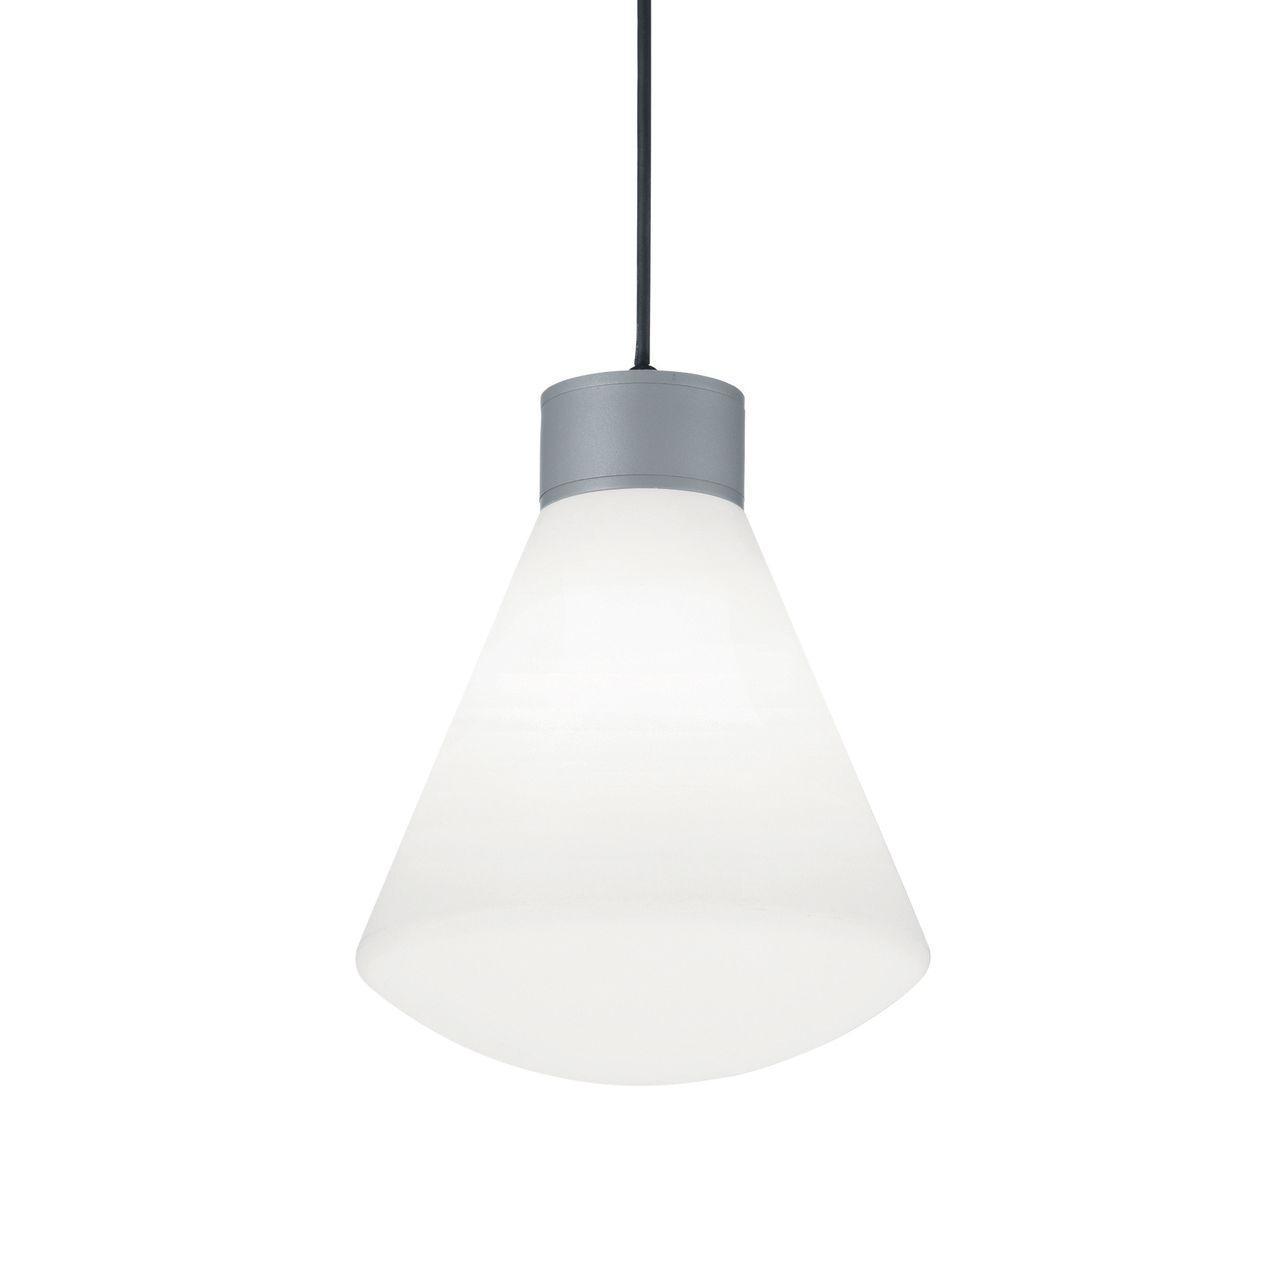 Уличный подвесной светильник Ideal Lux Ouverture SP1 Grigio